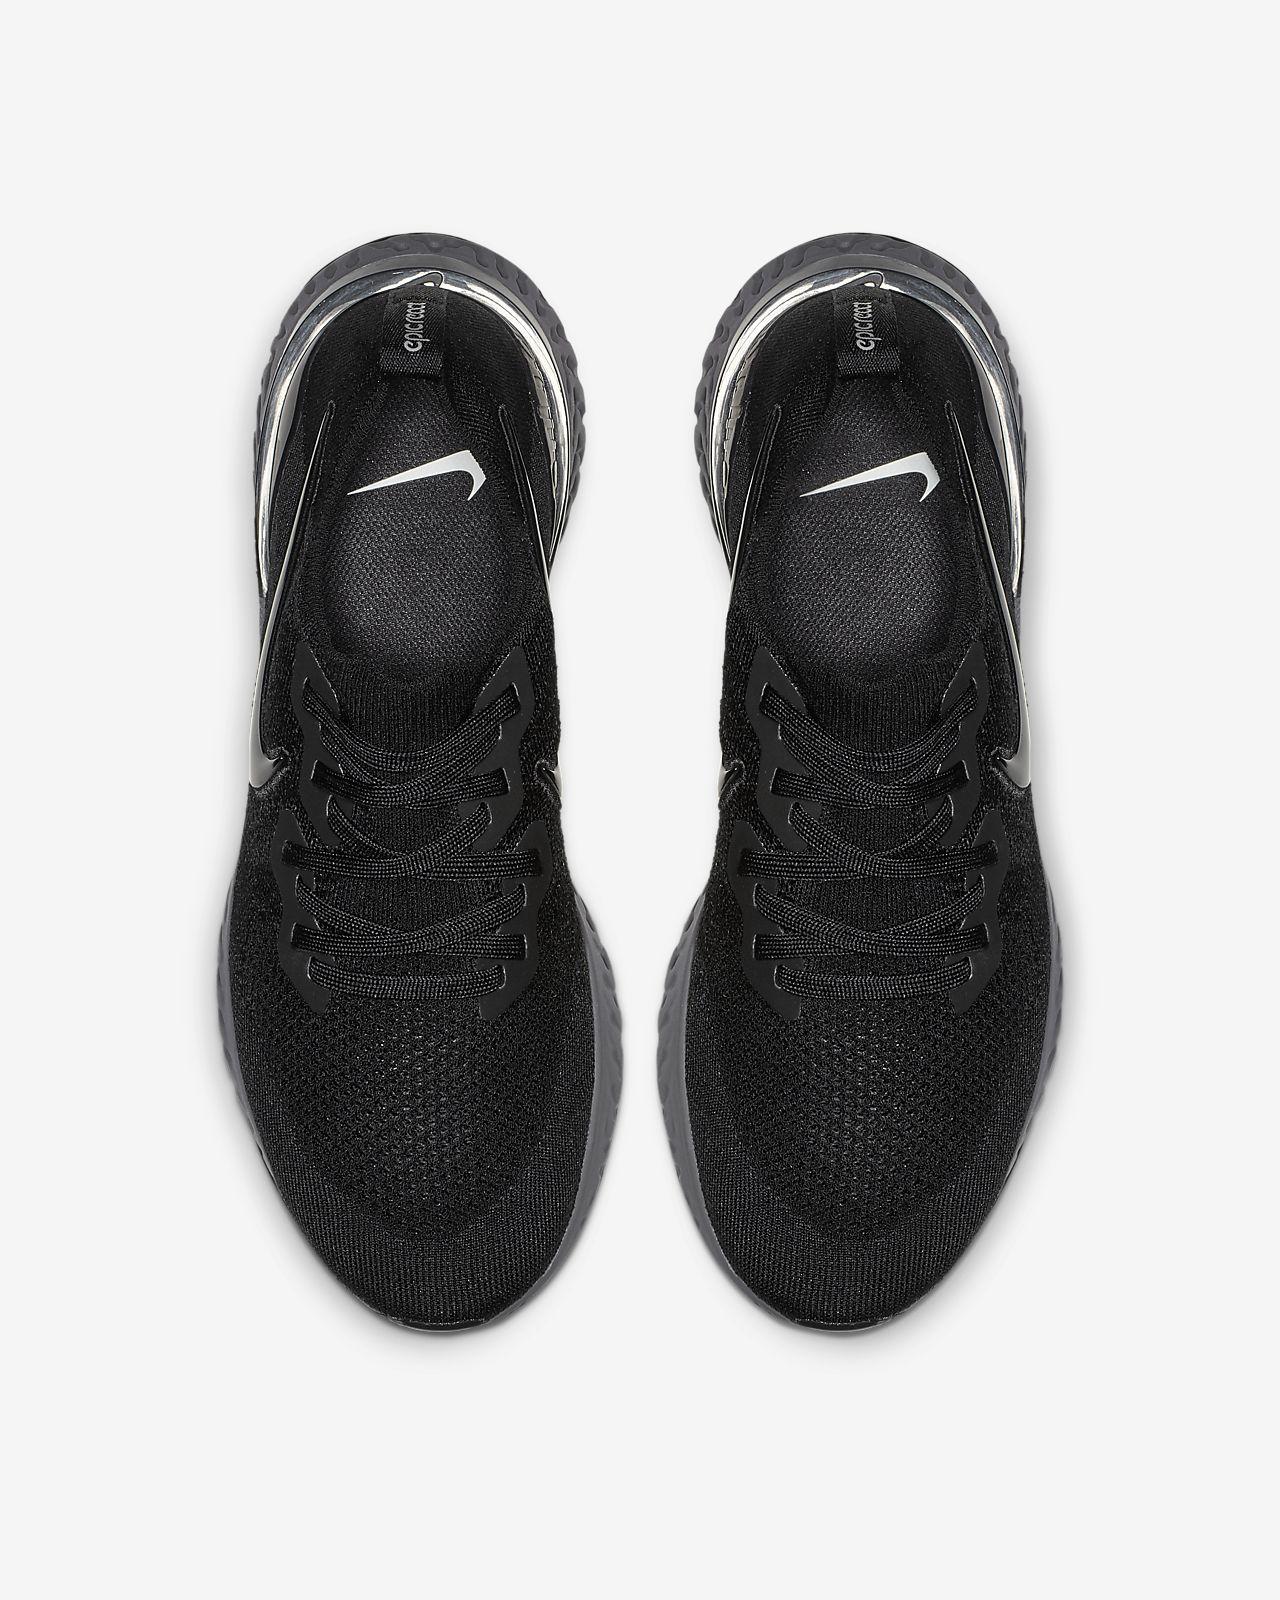 29cbb8c04 Nike Epic React Flyknit 2 Men s Running Shoe. Nike.com GB